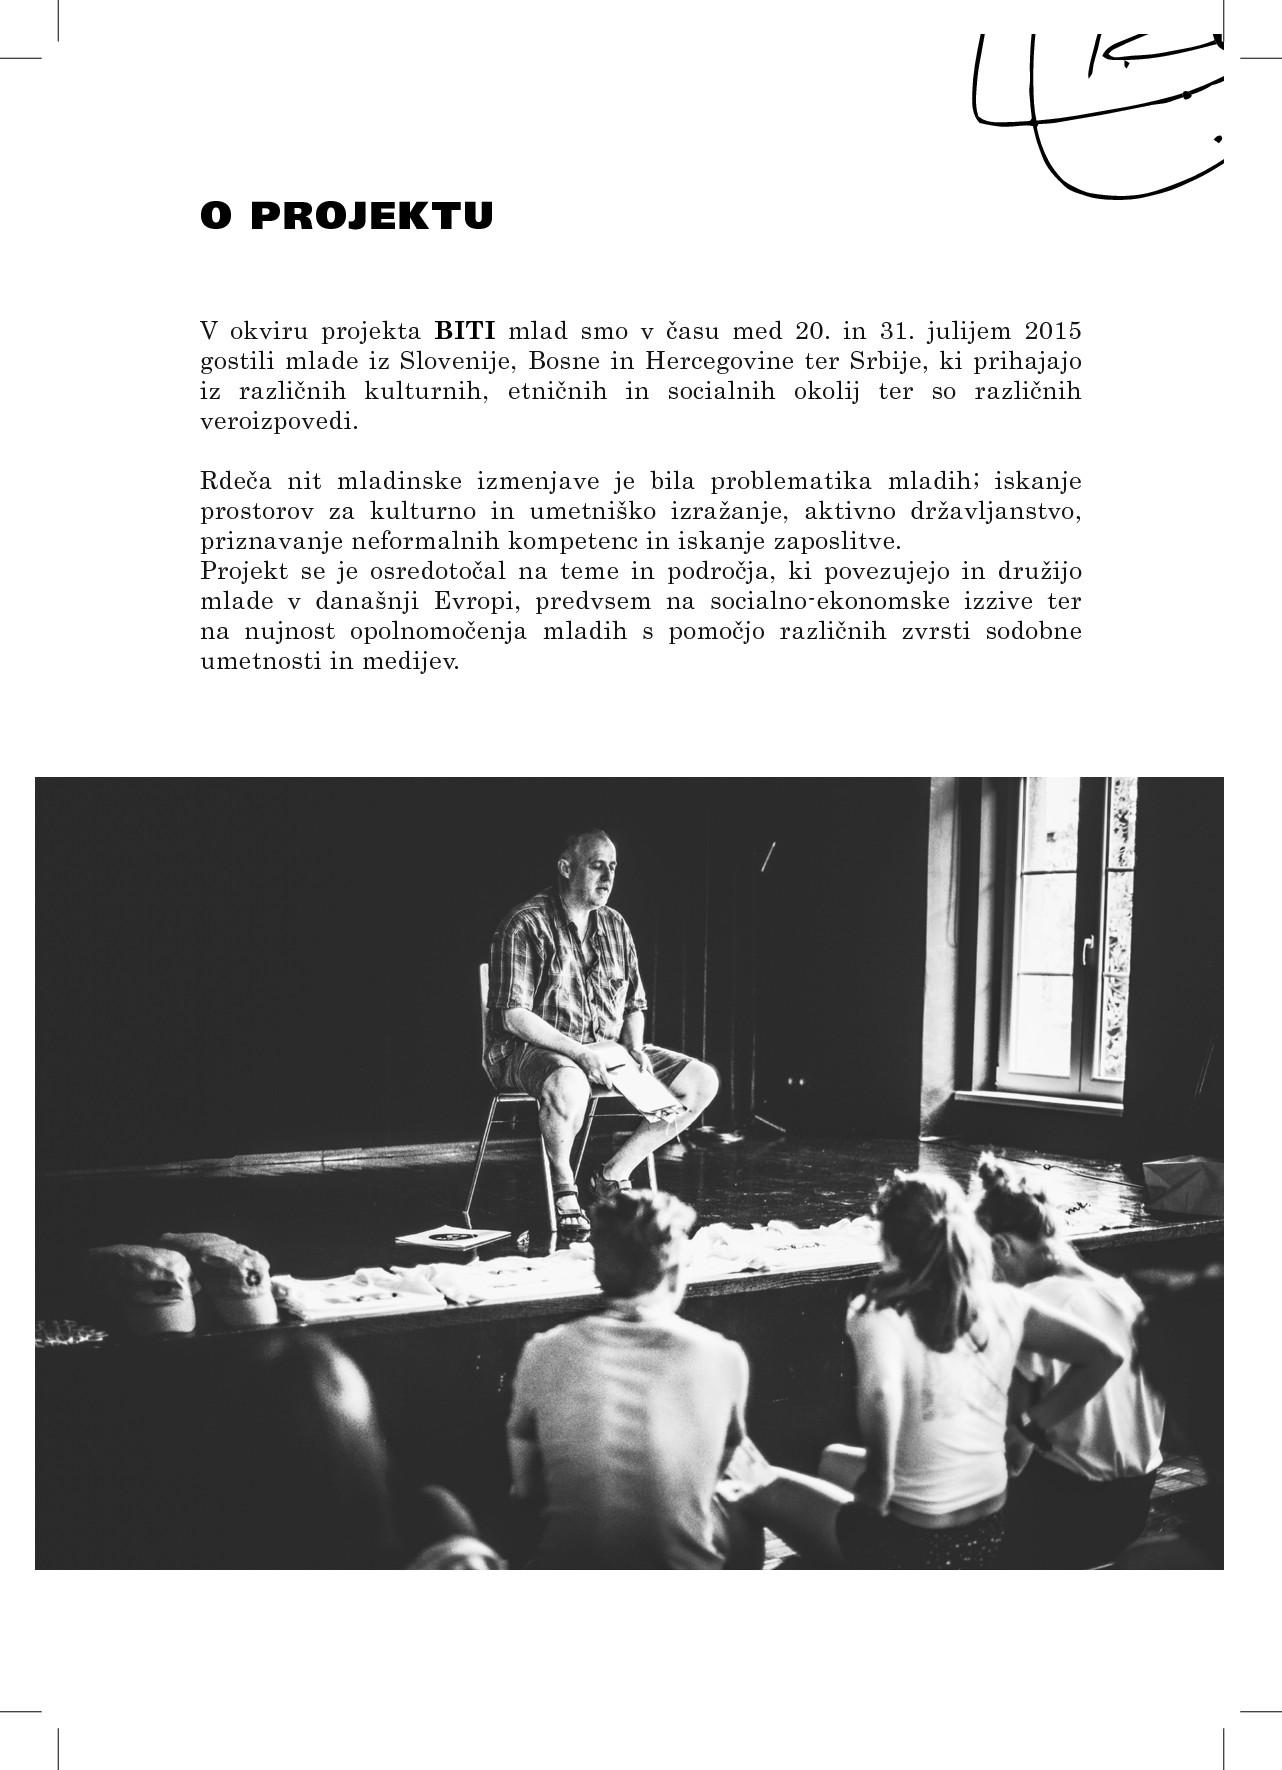 knjizica_biti_mlad-006-006.jpg